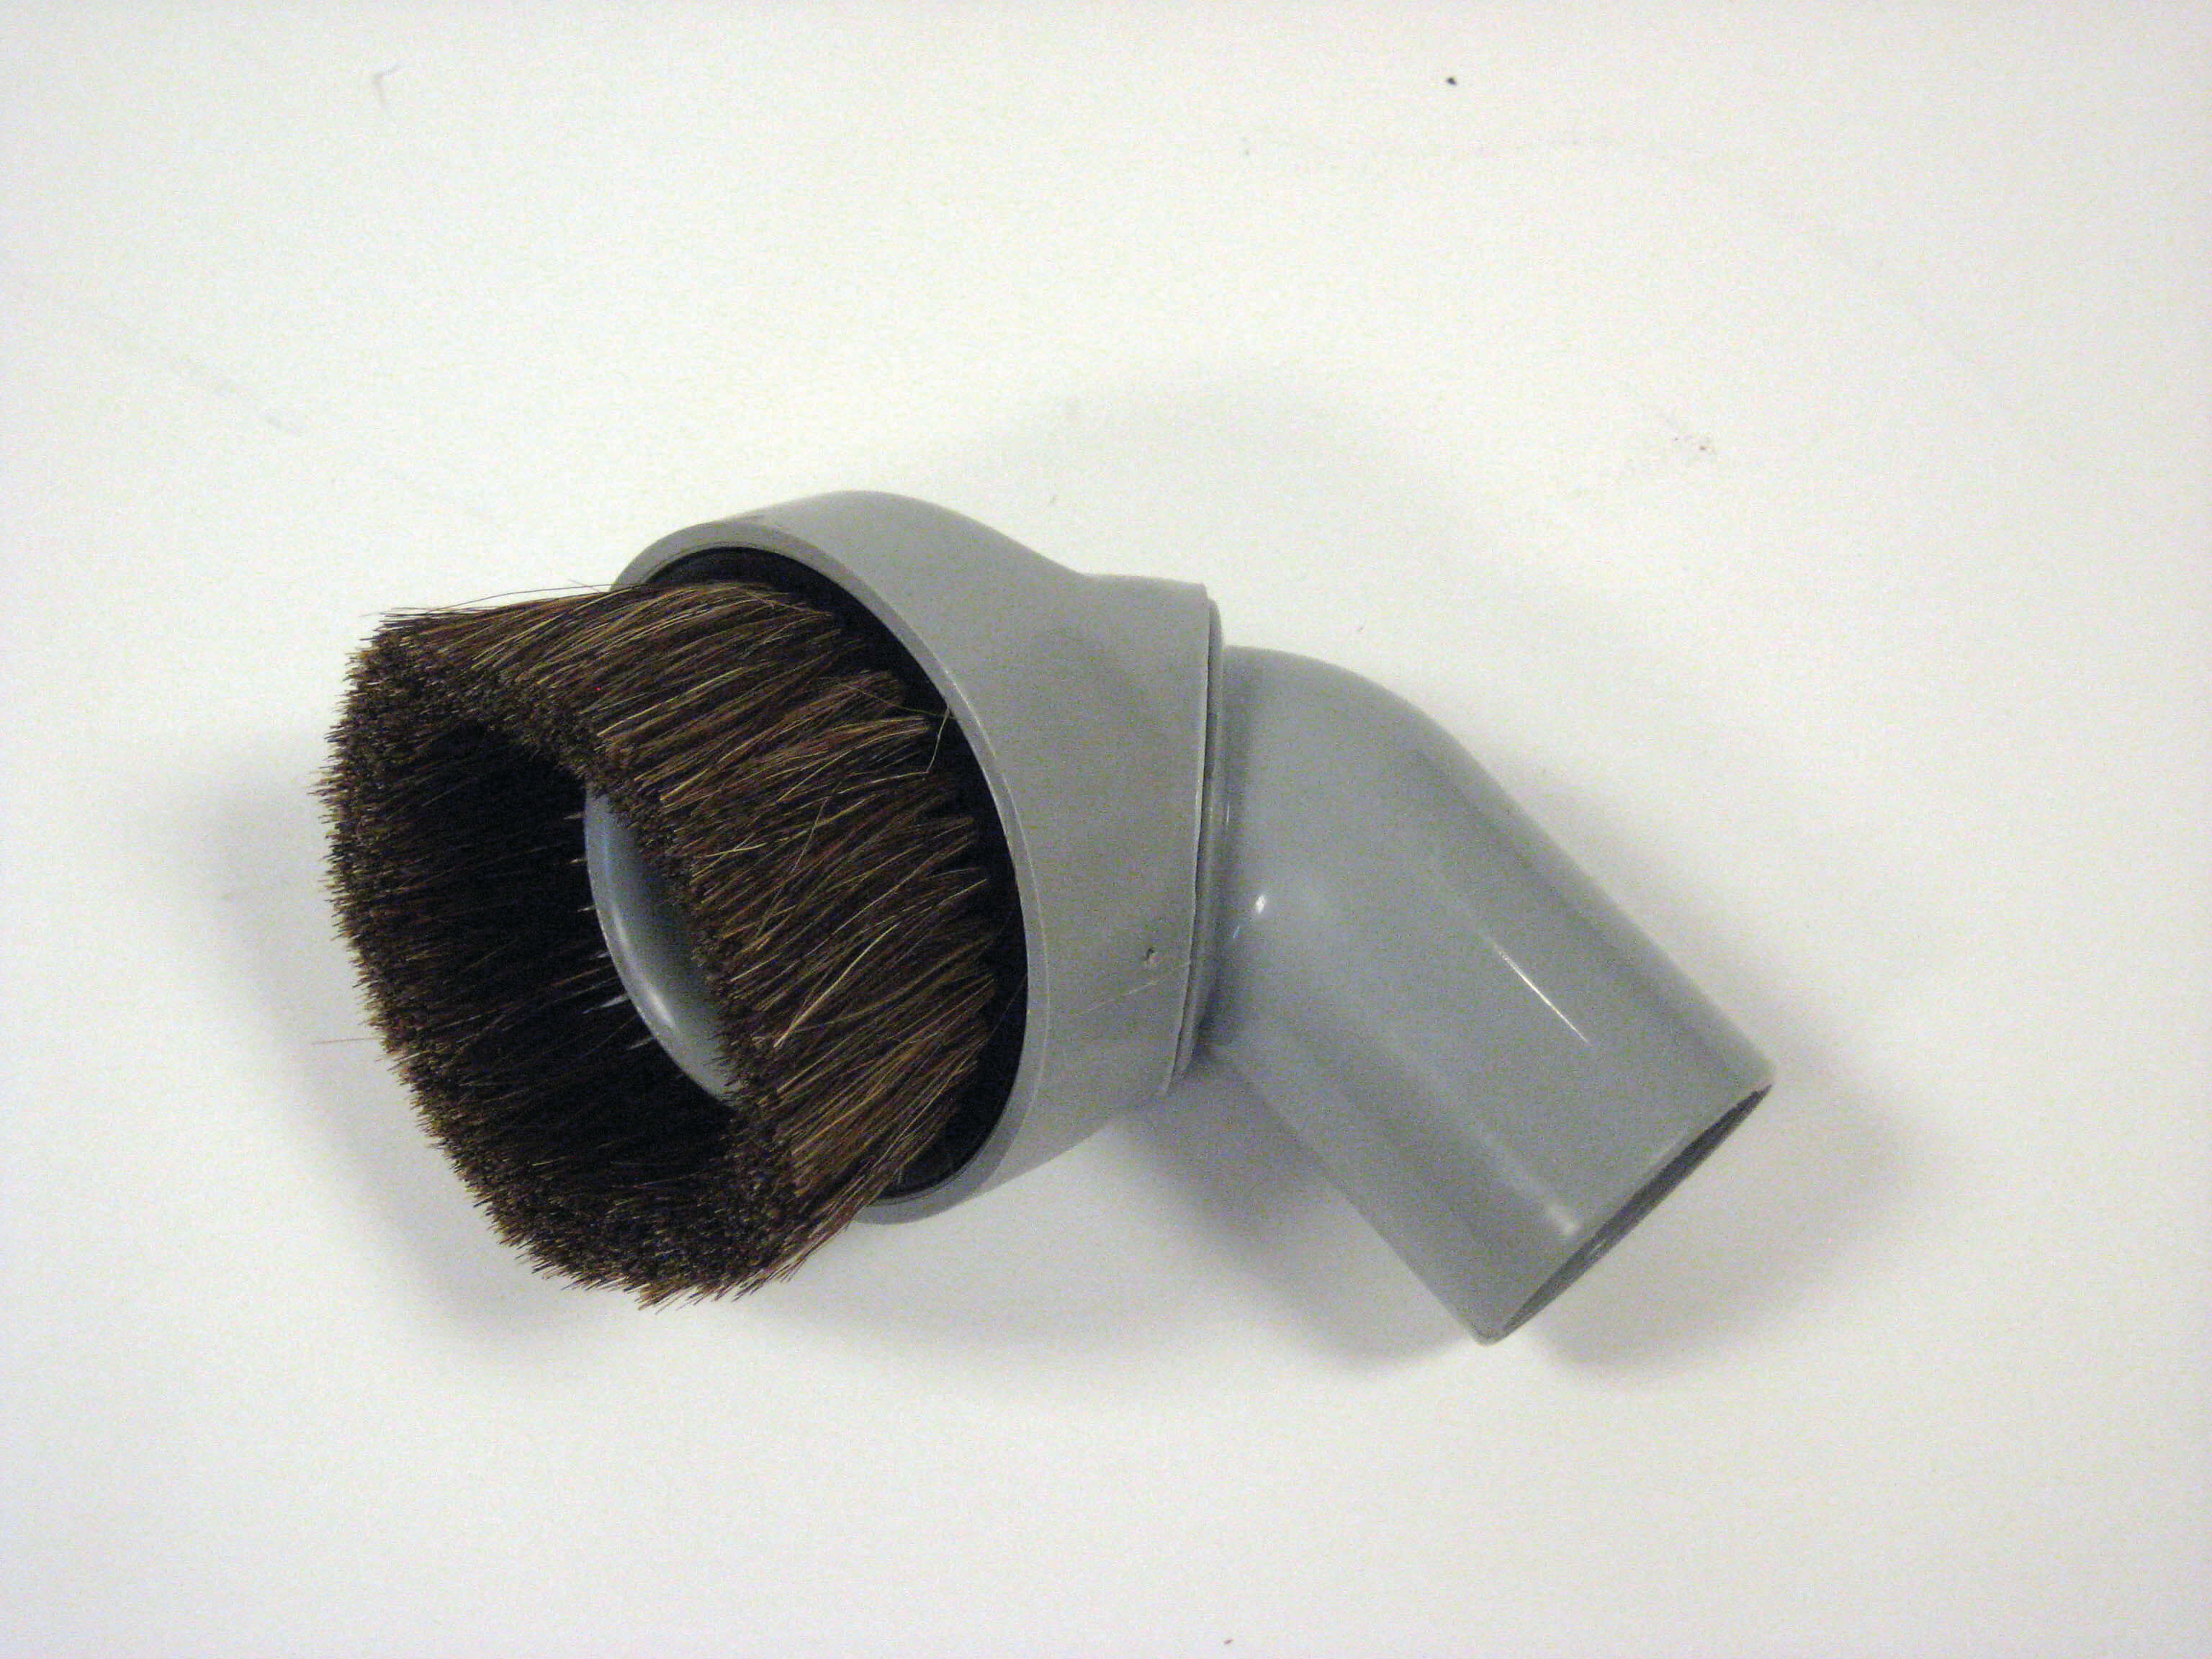 32mm Round Dust Brush